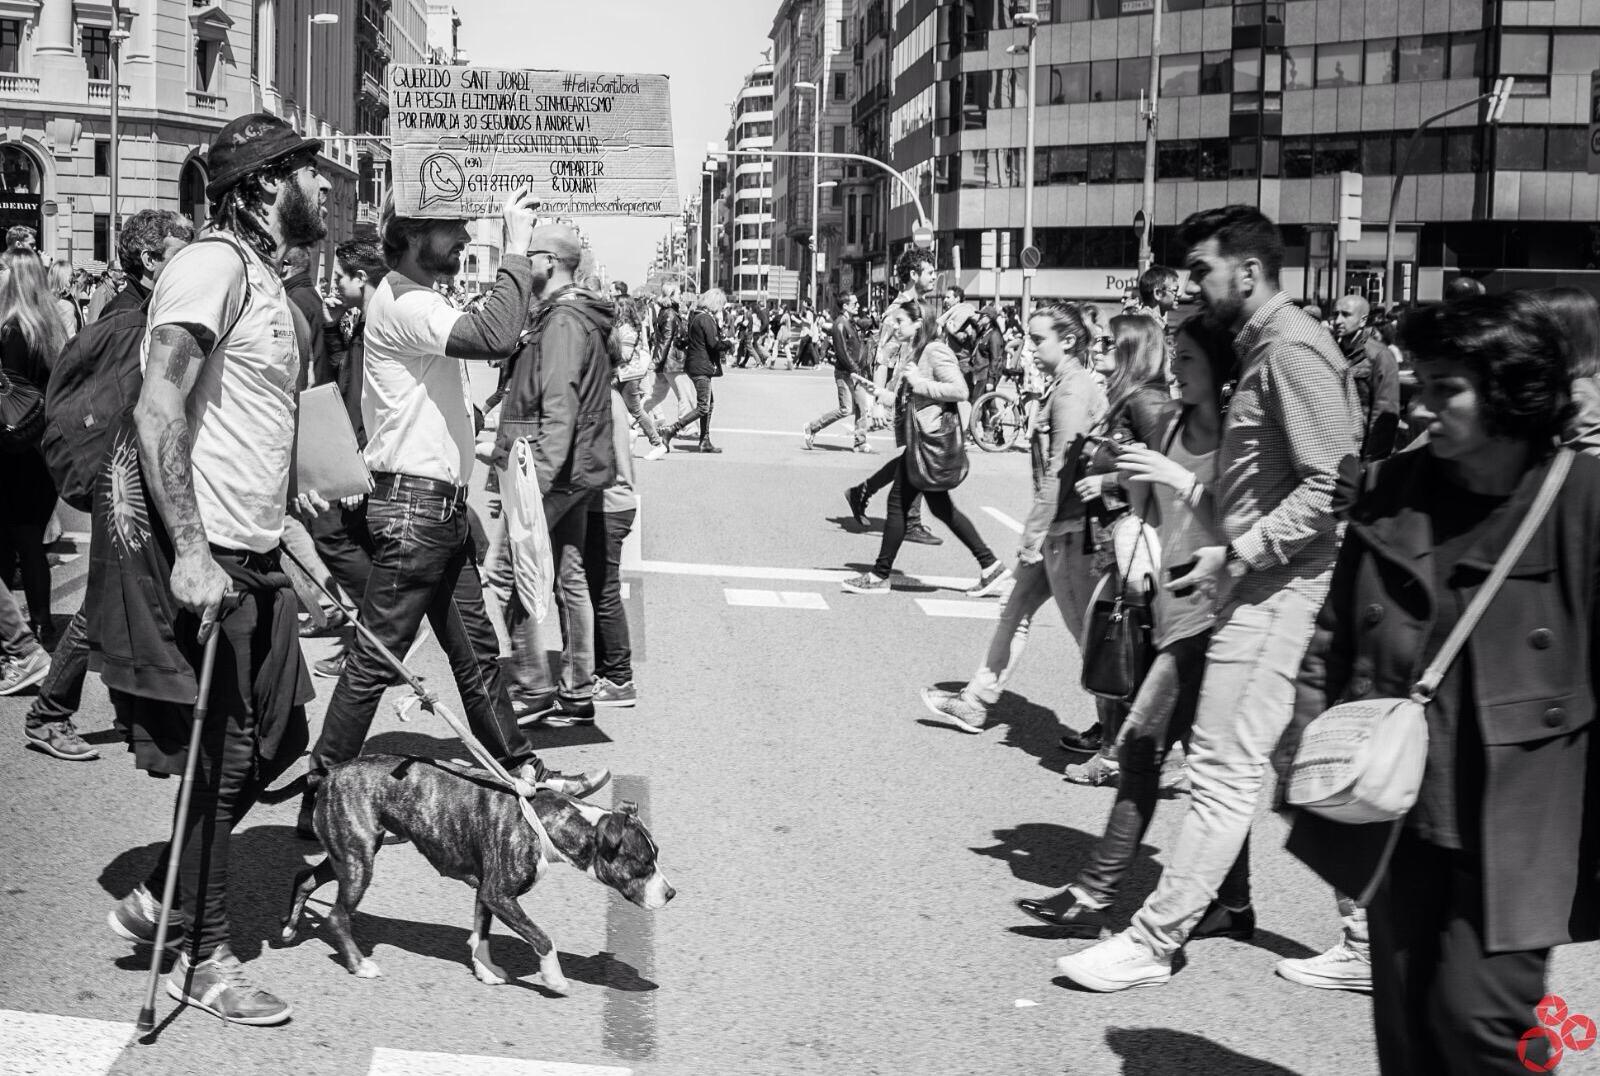 Una acción social que se realizó durante el día de Sant Jordi en Barcelona (España).